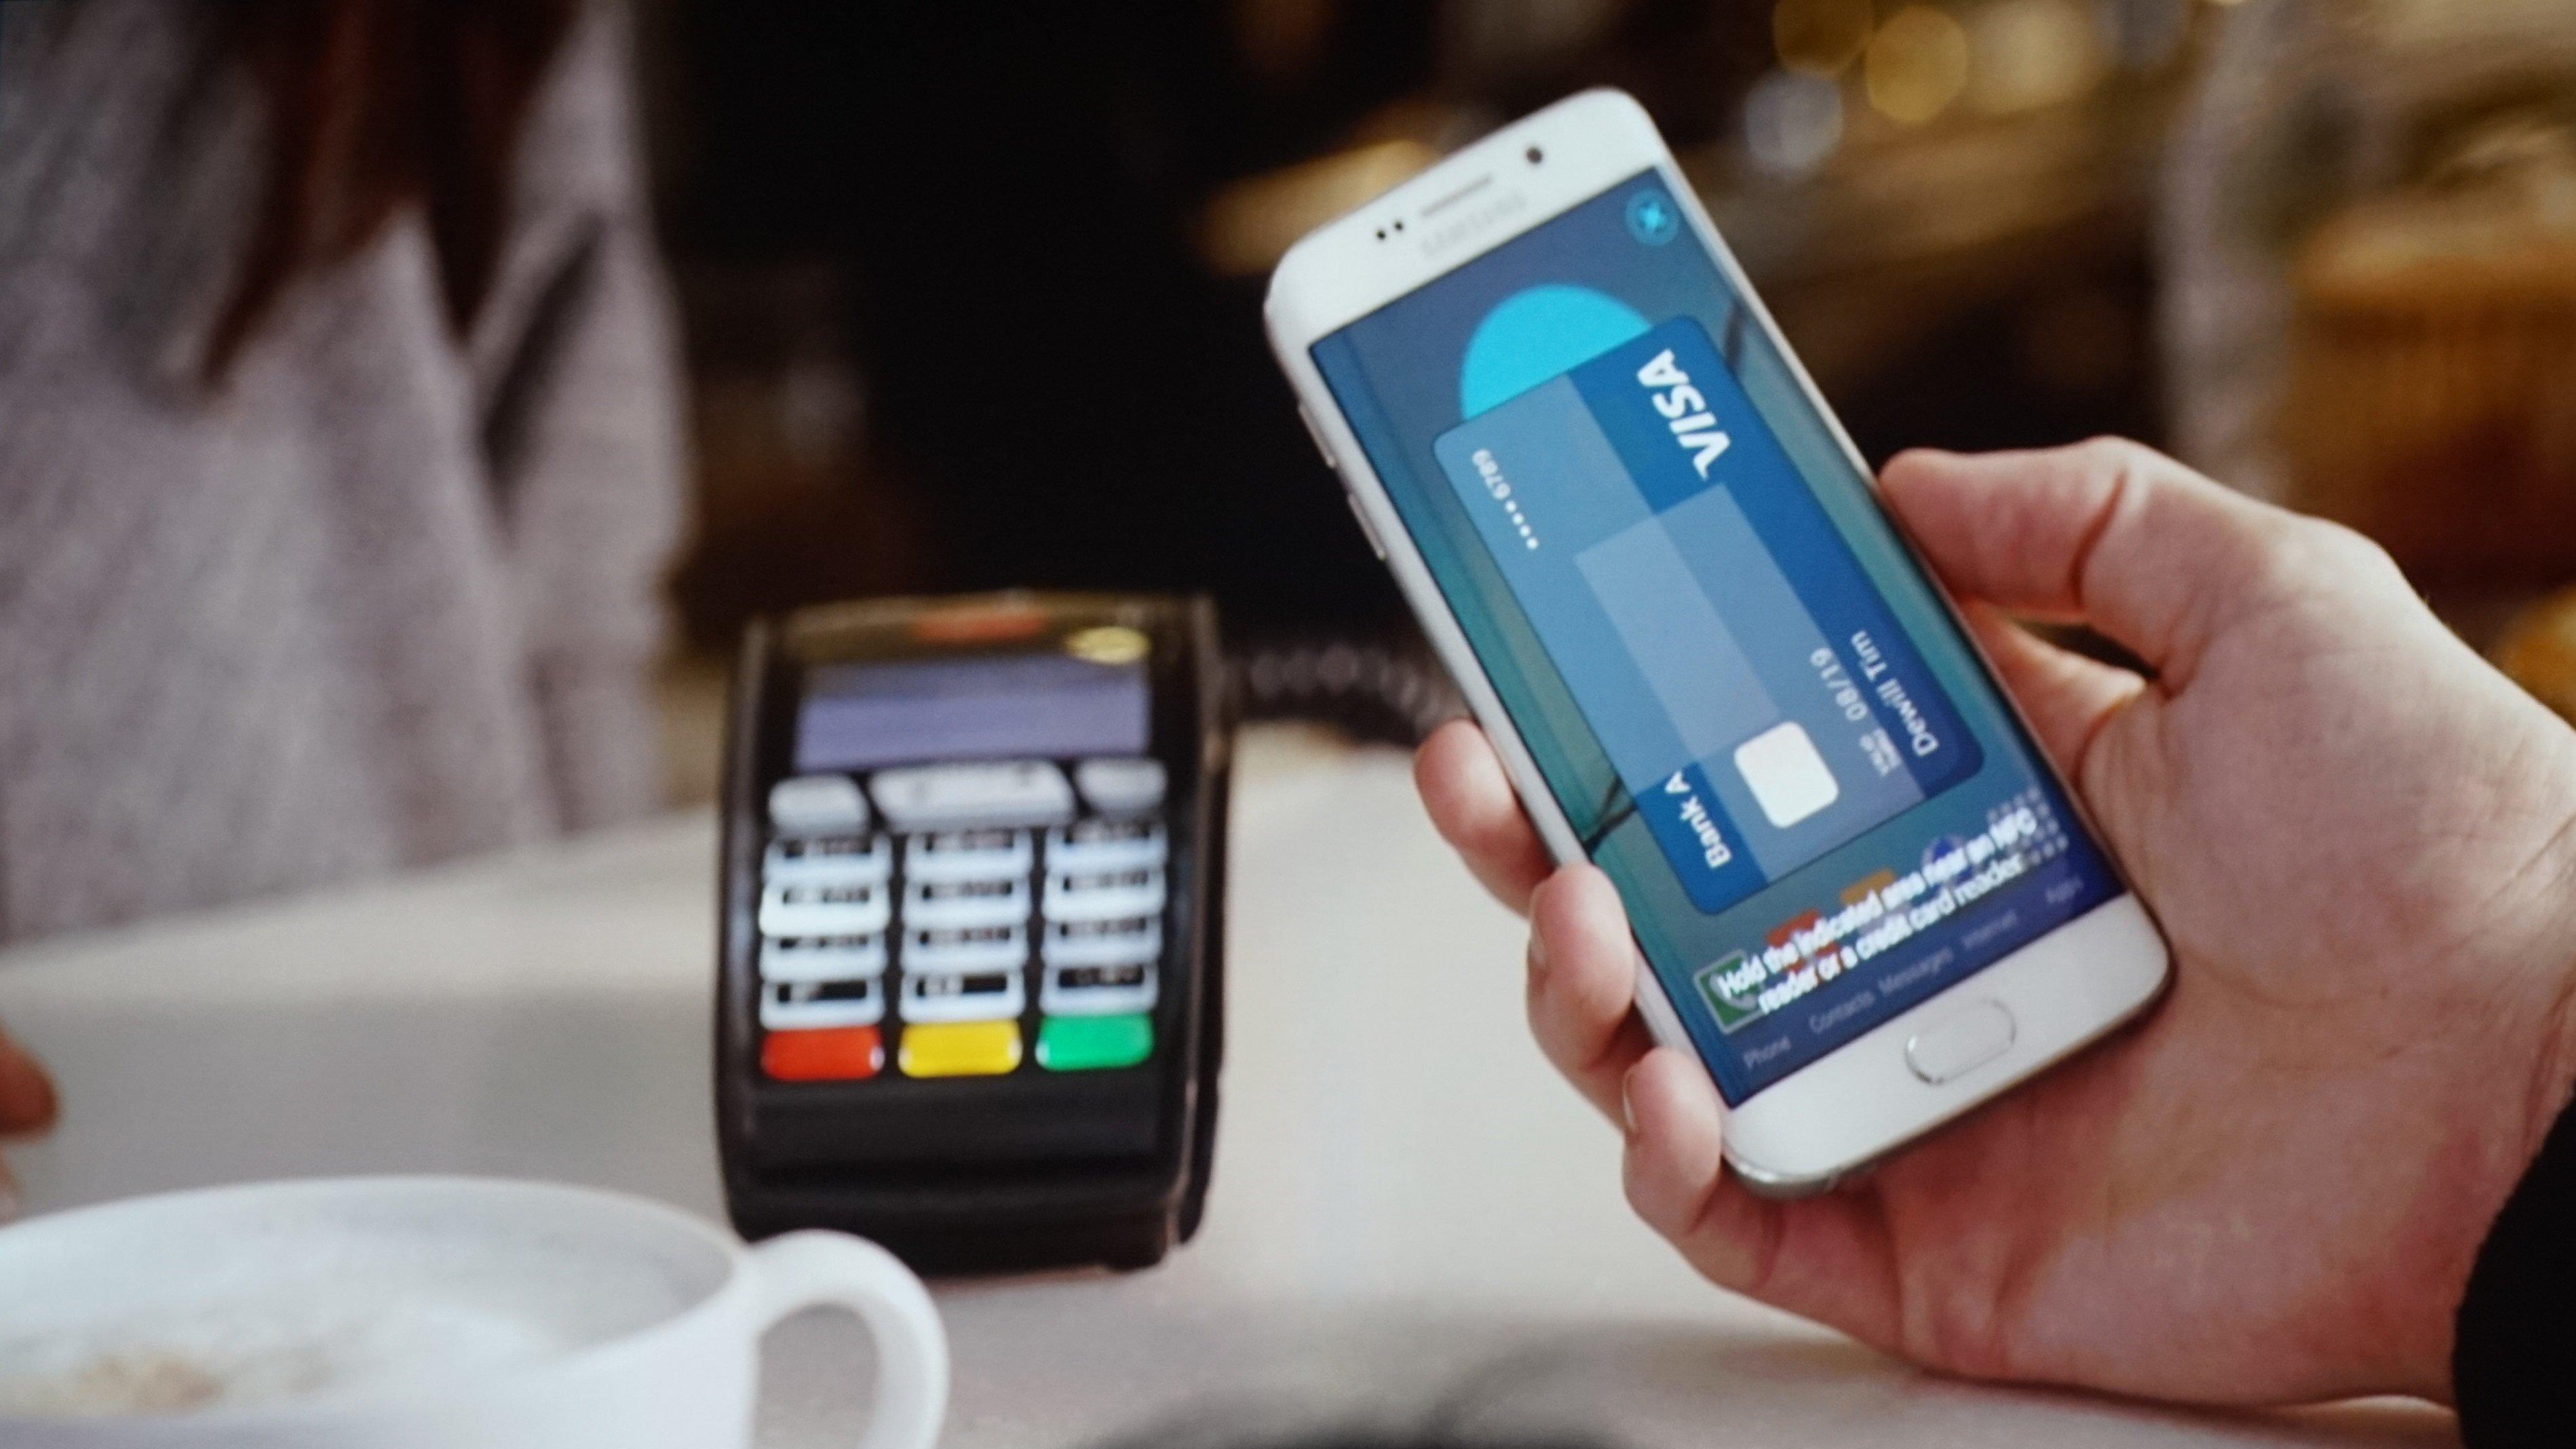 La Samsung Pay utilizza sia la tecnologia NFC sia quella MST